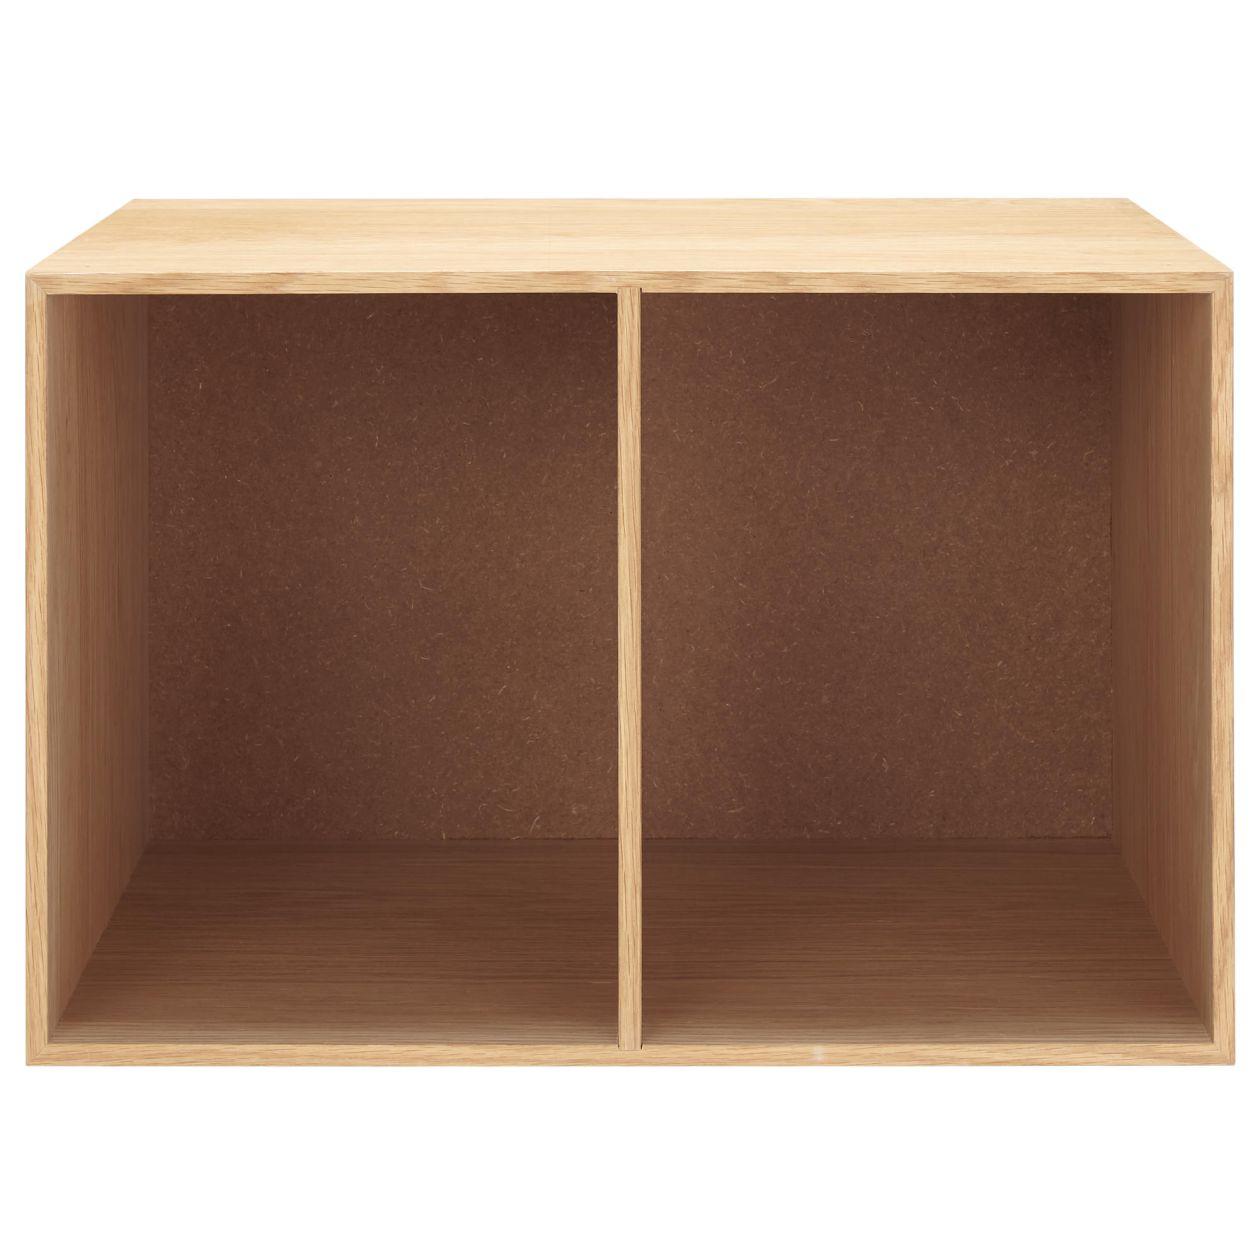 無印良品・木製収納ケース・オープン・ワイド・オーク材